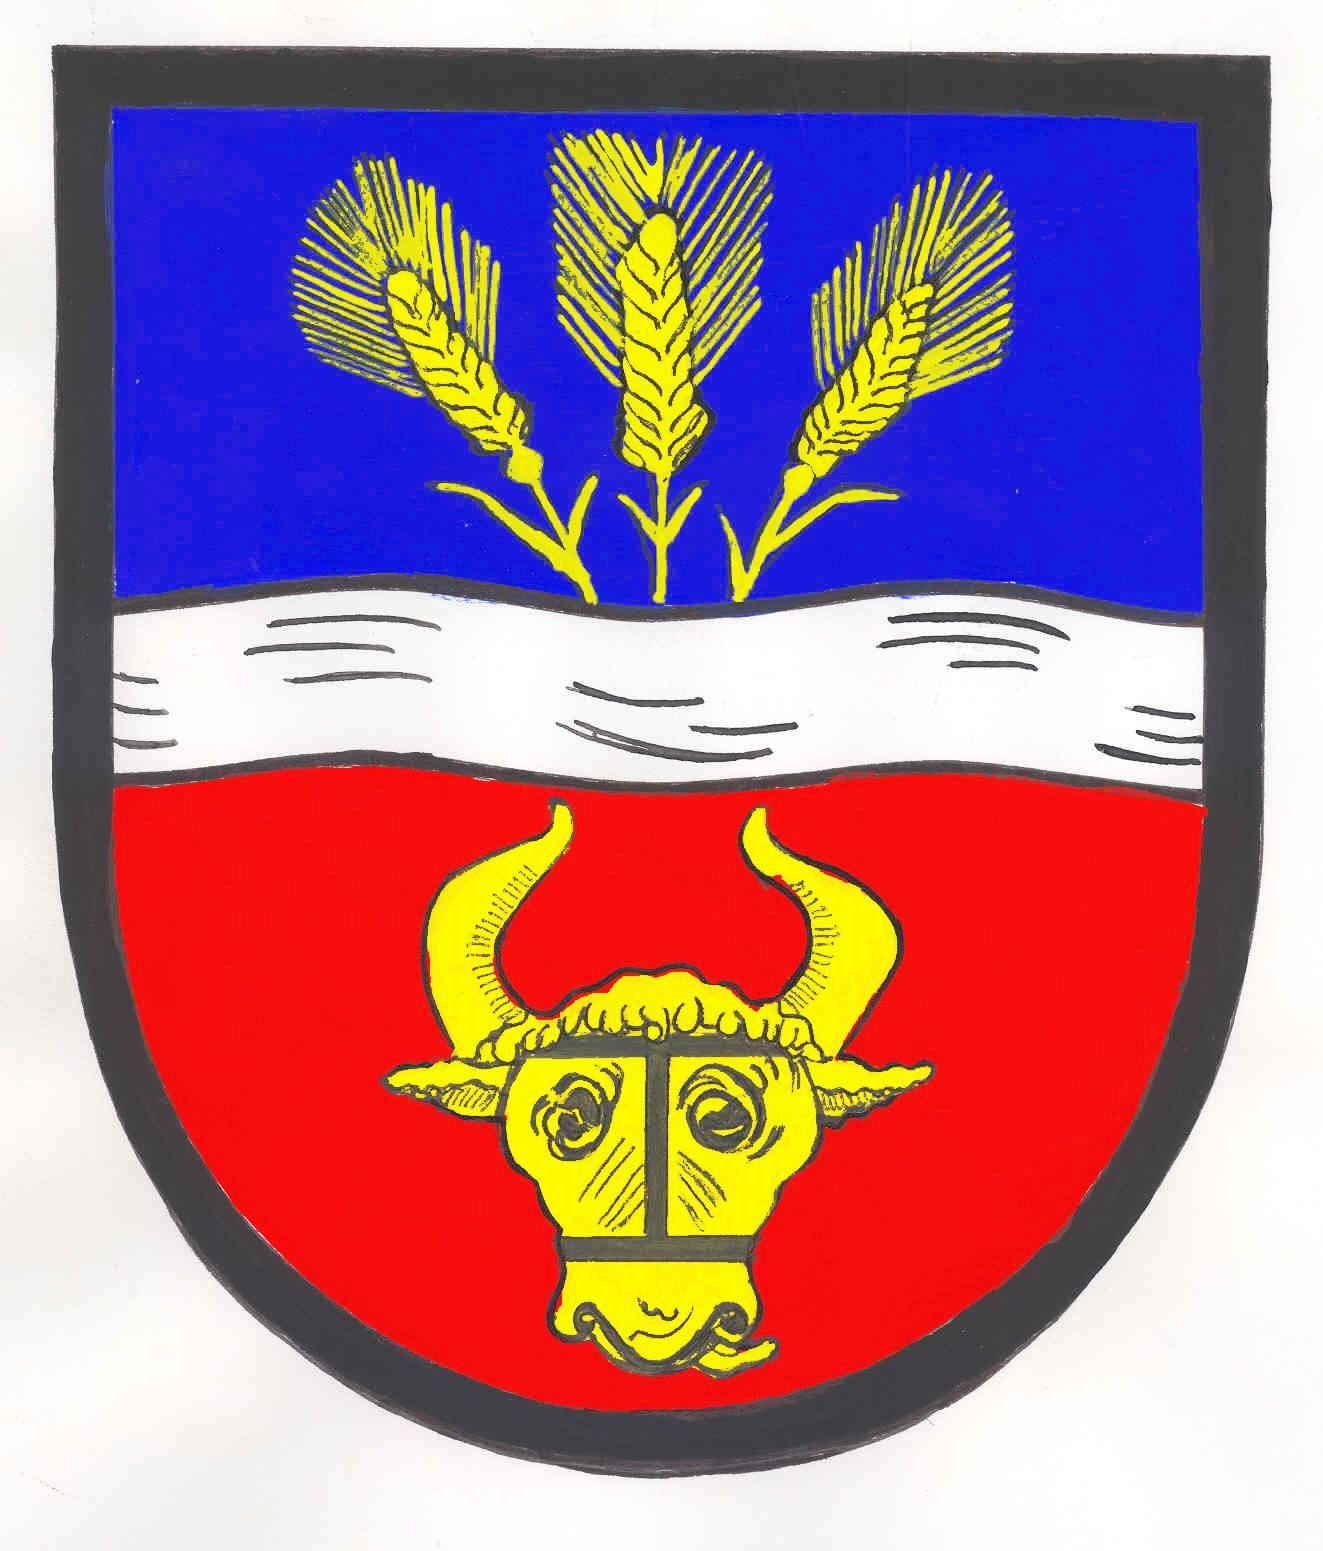 Wappen GemeindeRantrum, Kreis Nordfriesland